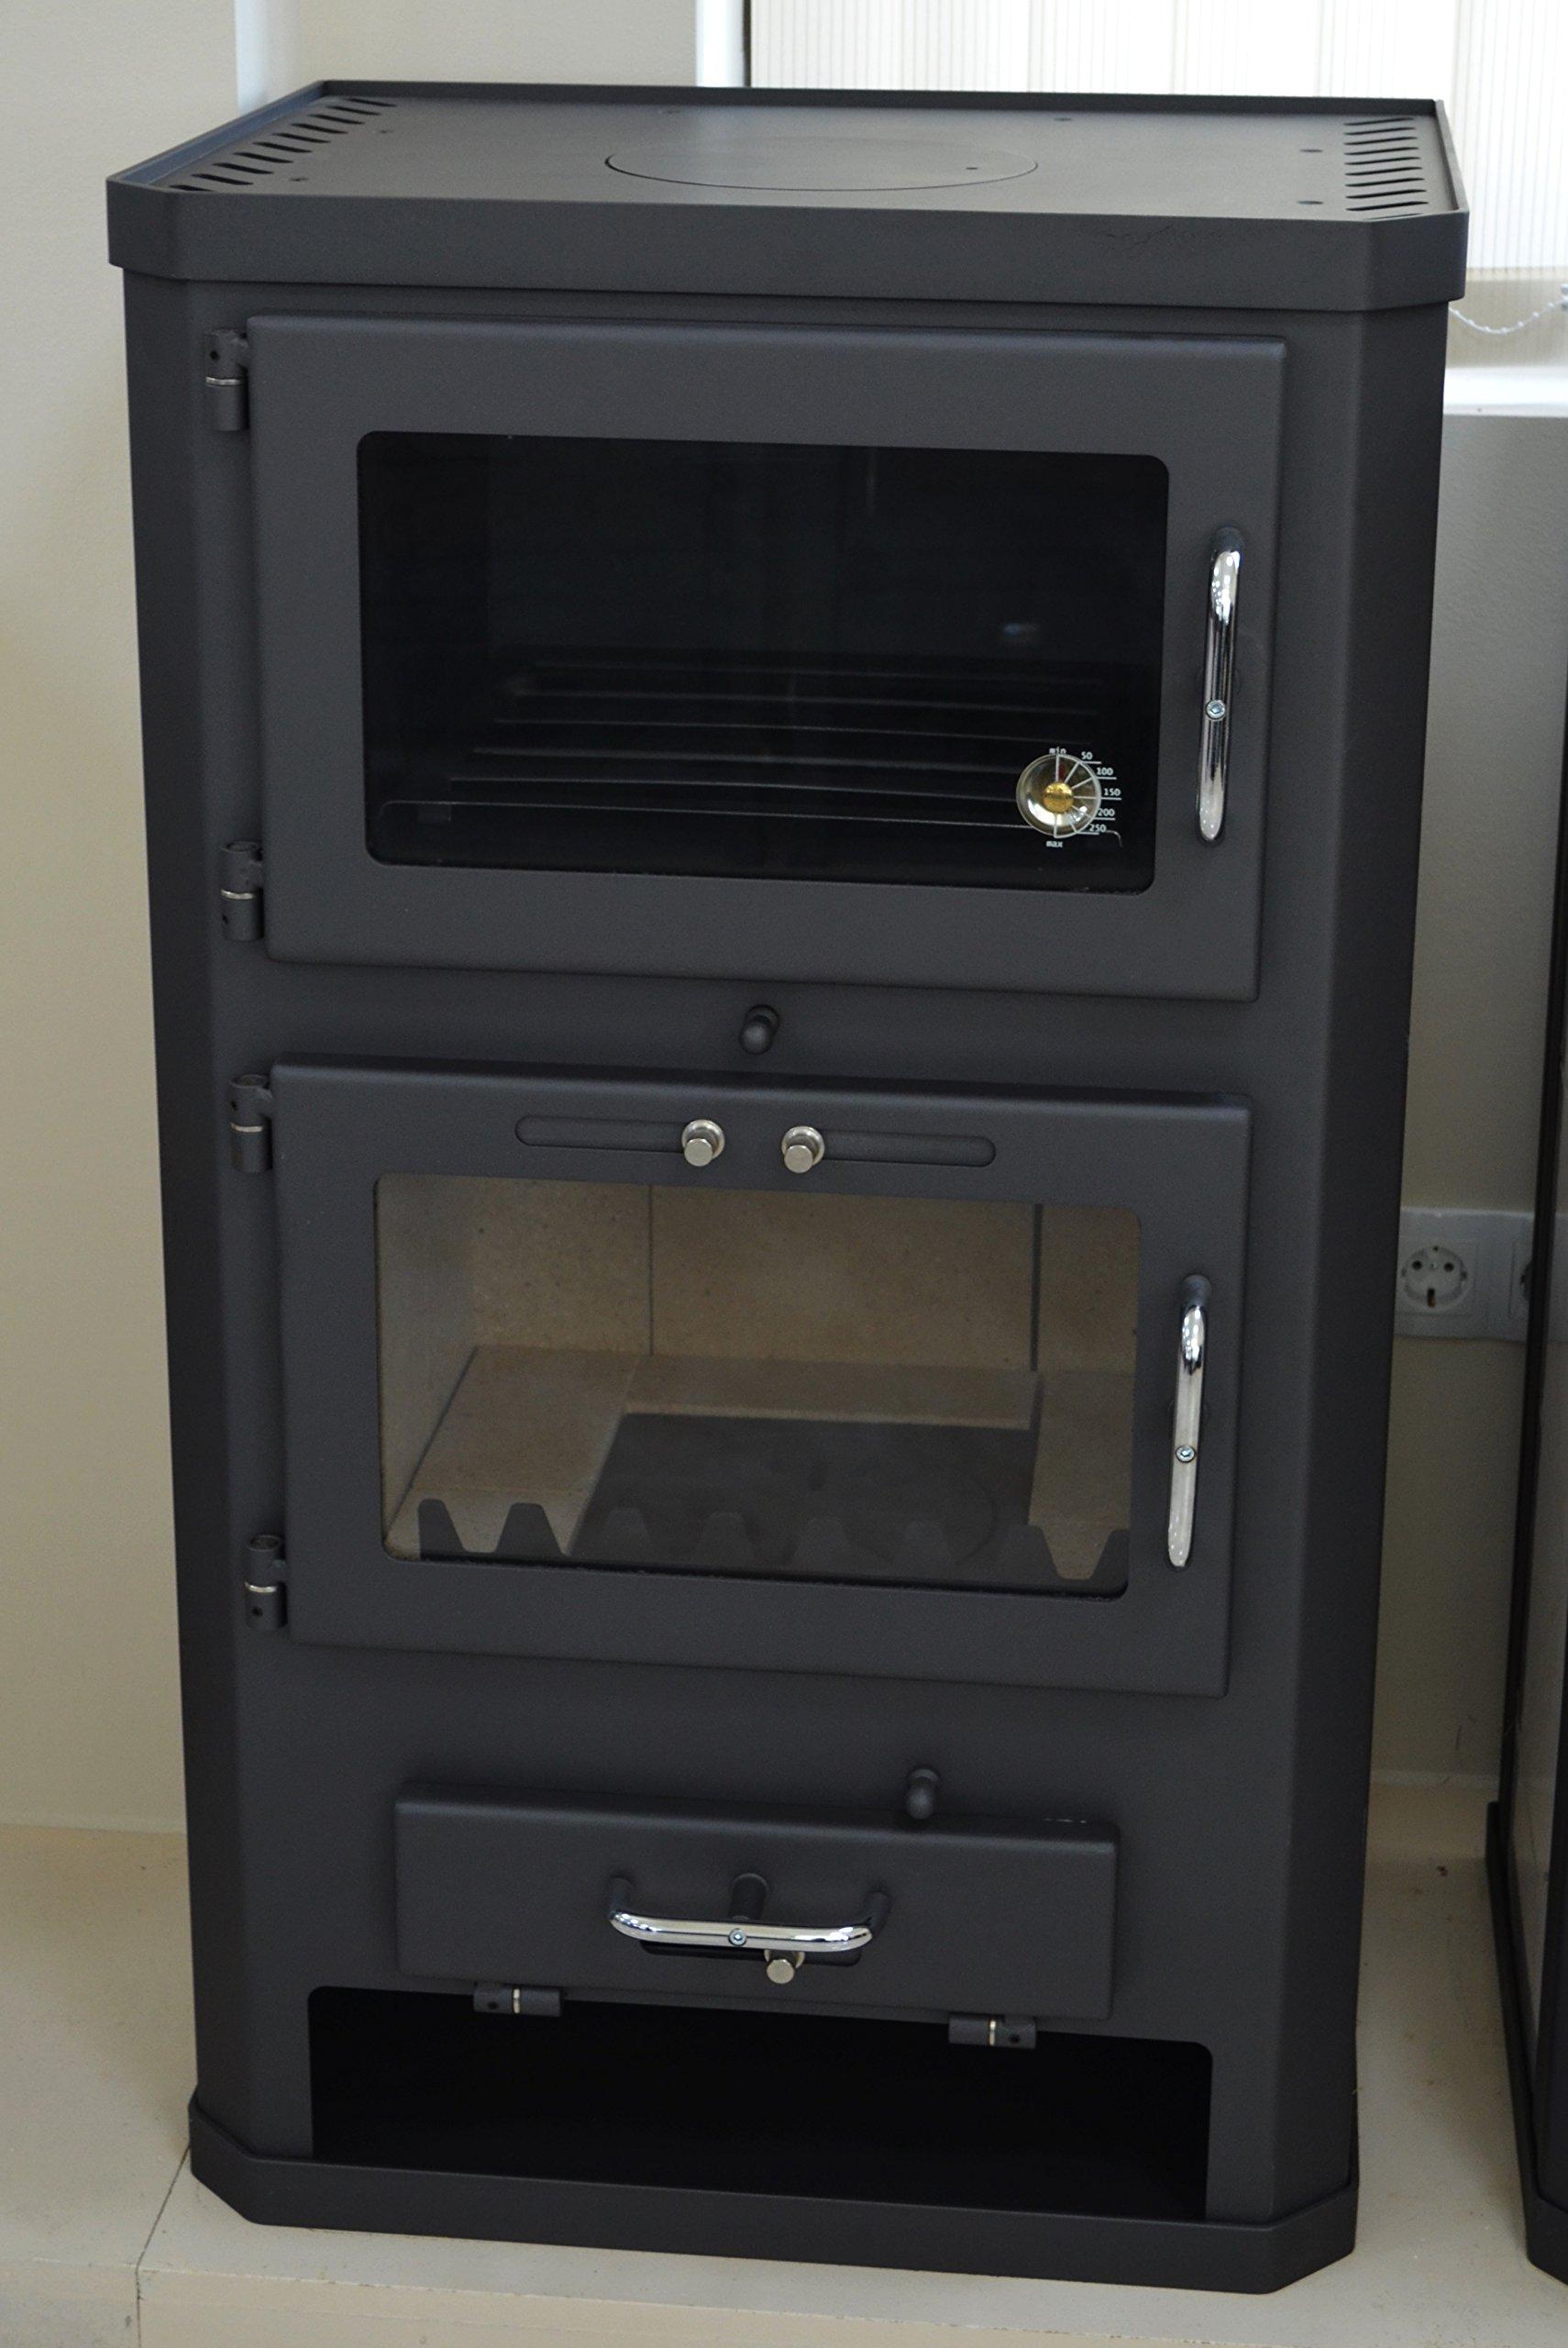 81cGhwX7OUL - Estufa de leña para estufa, estufa, cocina, combustible, quemador de leña, 12/17 kW, BImSchV 2